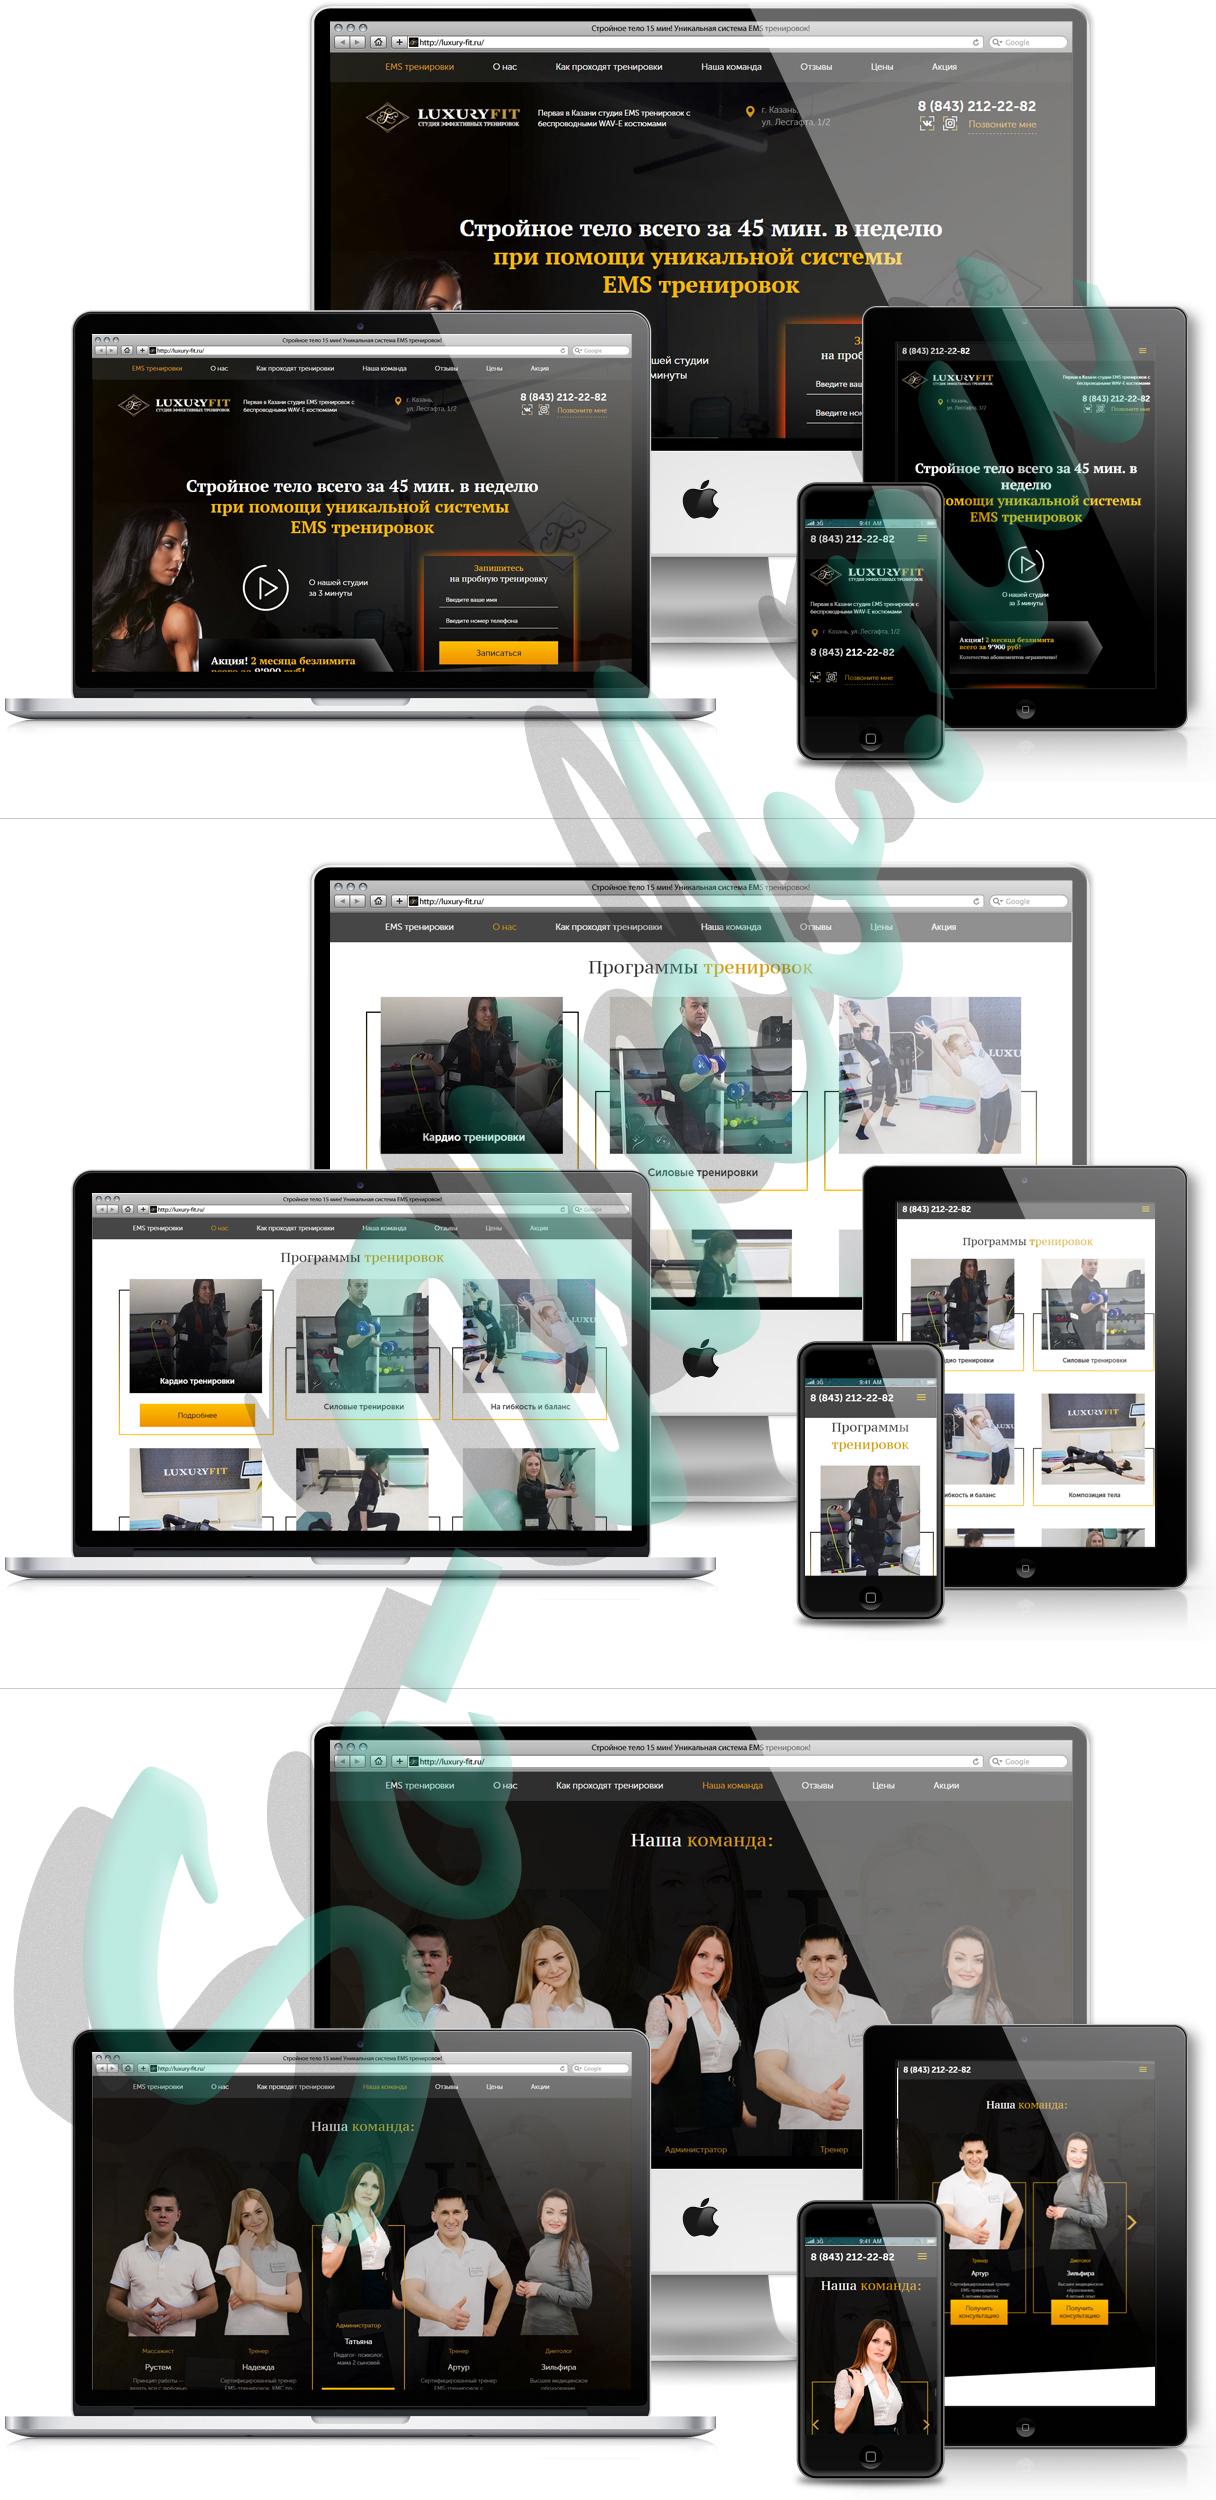 Адаптивная верстка LandingPage из PSD в HTML на Bootstrap для сайта EMS тренировок